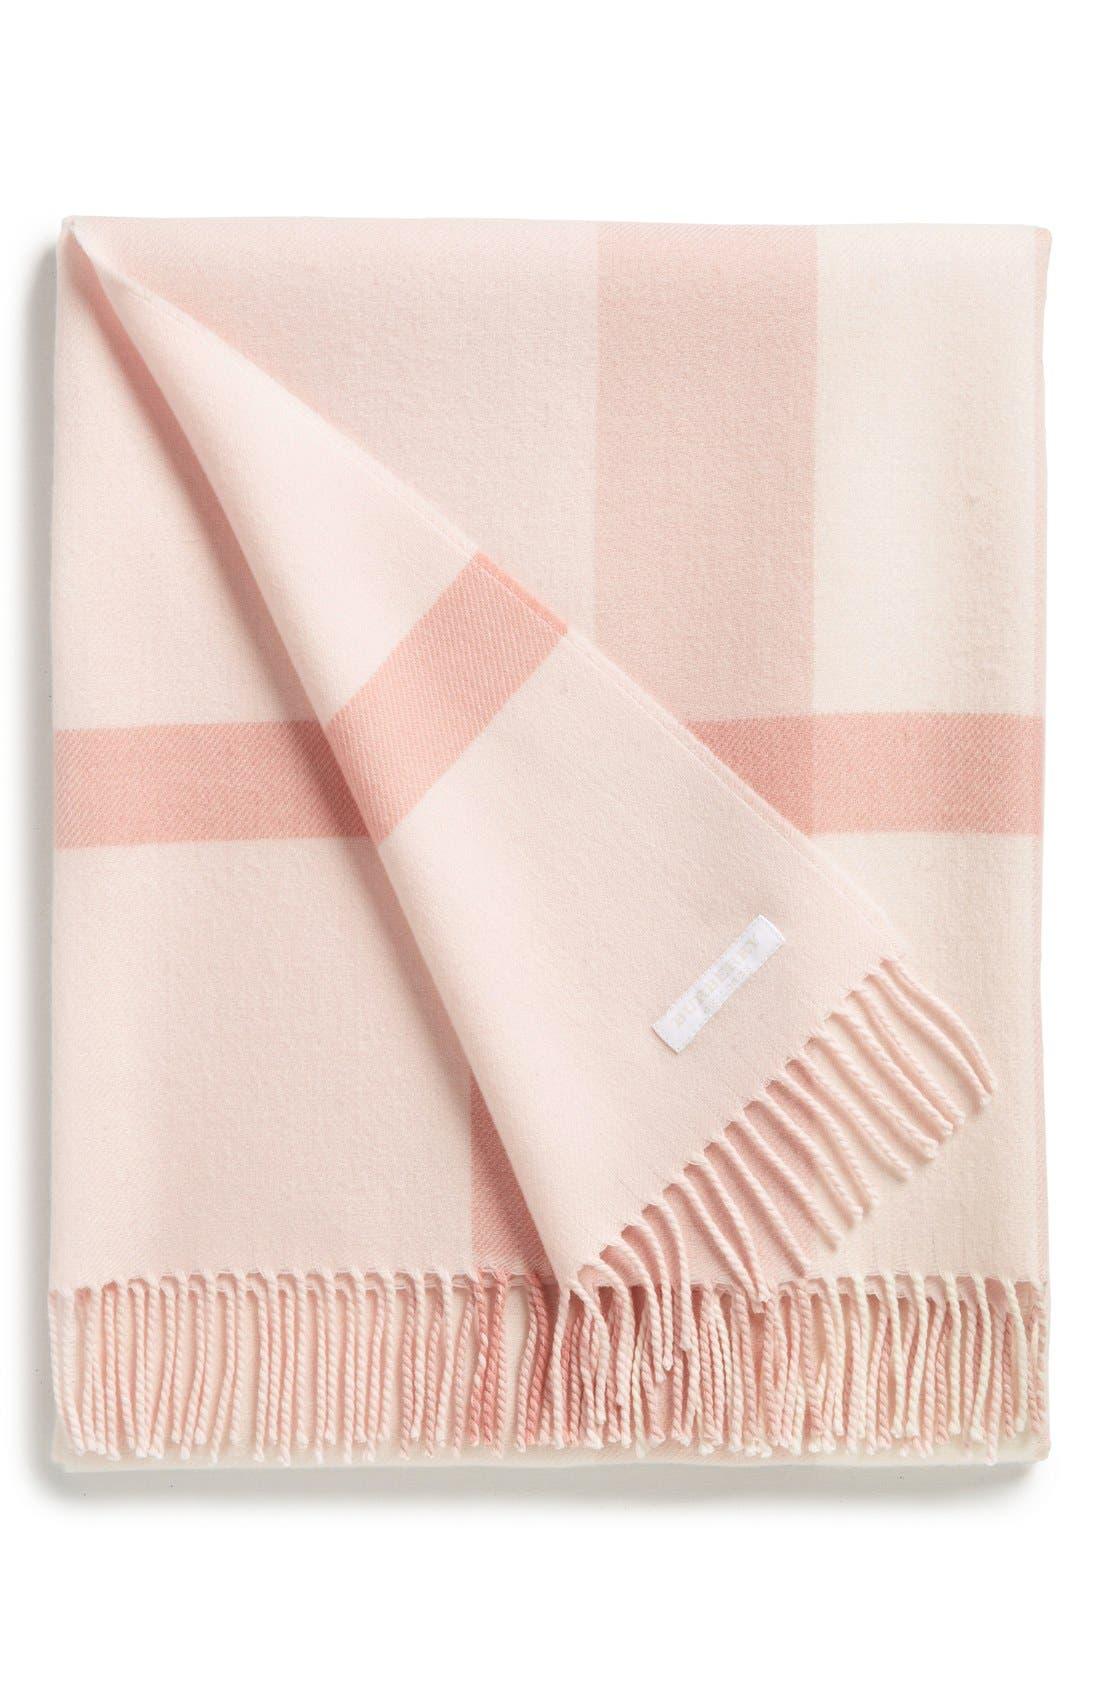 Alternate Image 1 Selected - Burberry Merino Wool Baby Blanket